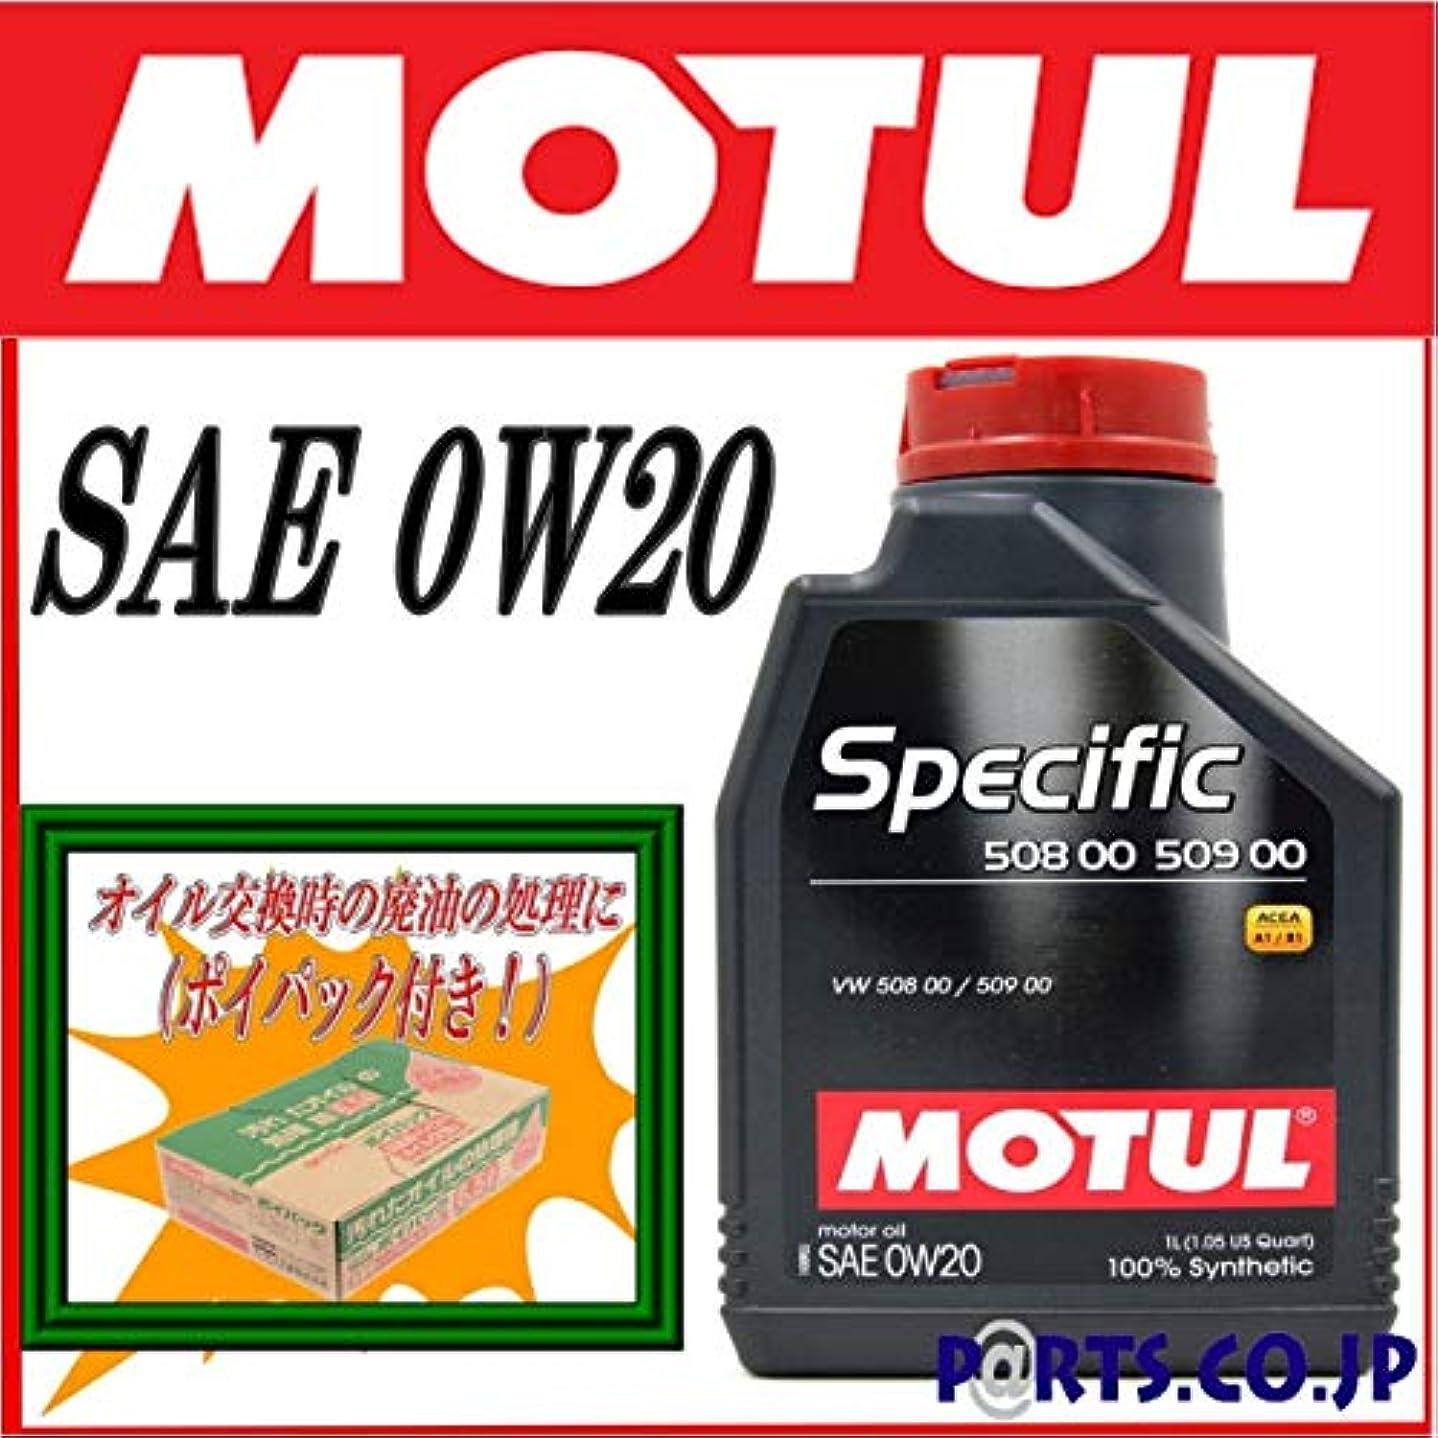 グラフ基準不確実MOTUL Specific 508 00-509 00 0W20 1Lx4 ポイパック4.5Lx1 ホンダ フリード スパイク GB4 L15A